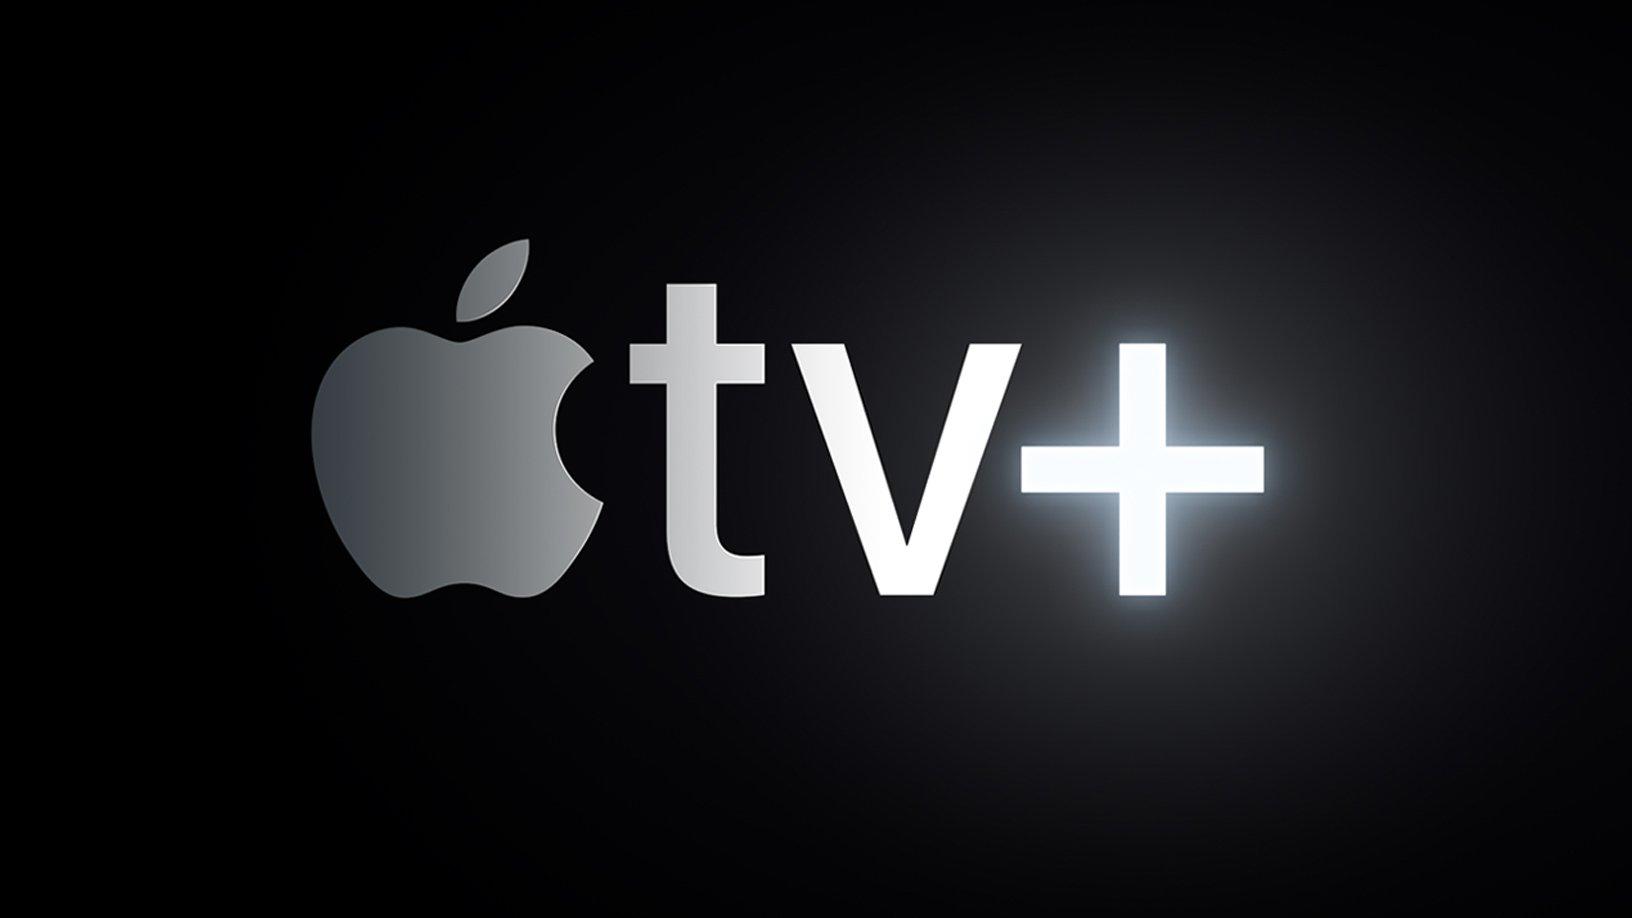 Apple strikt de top van de televisiewereld voor Apple TV+